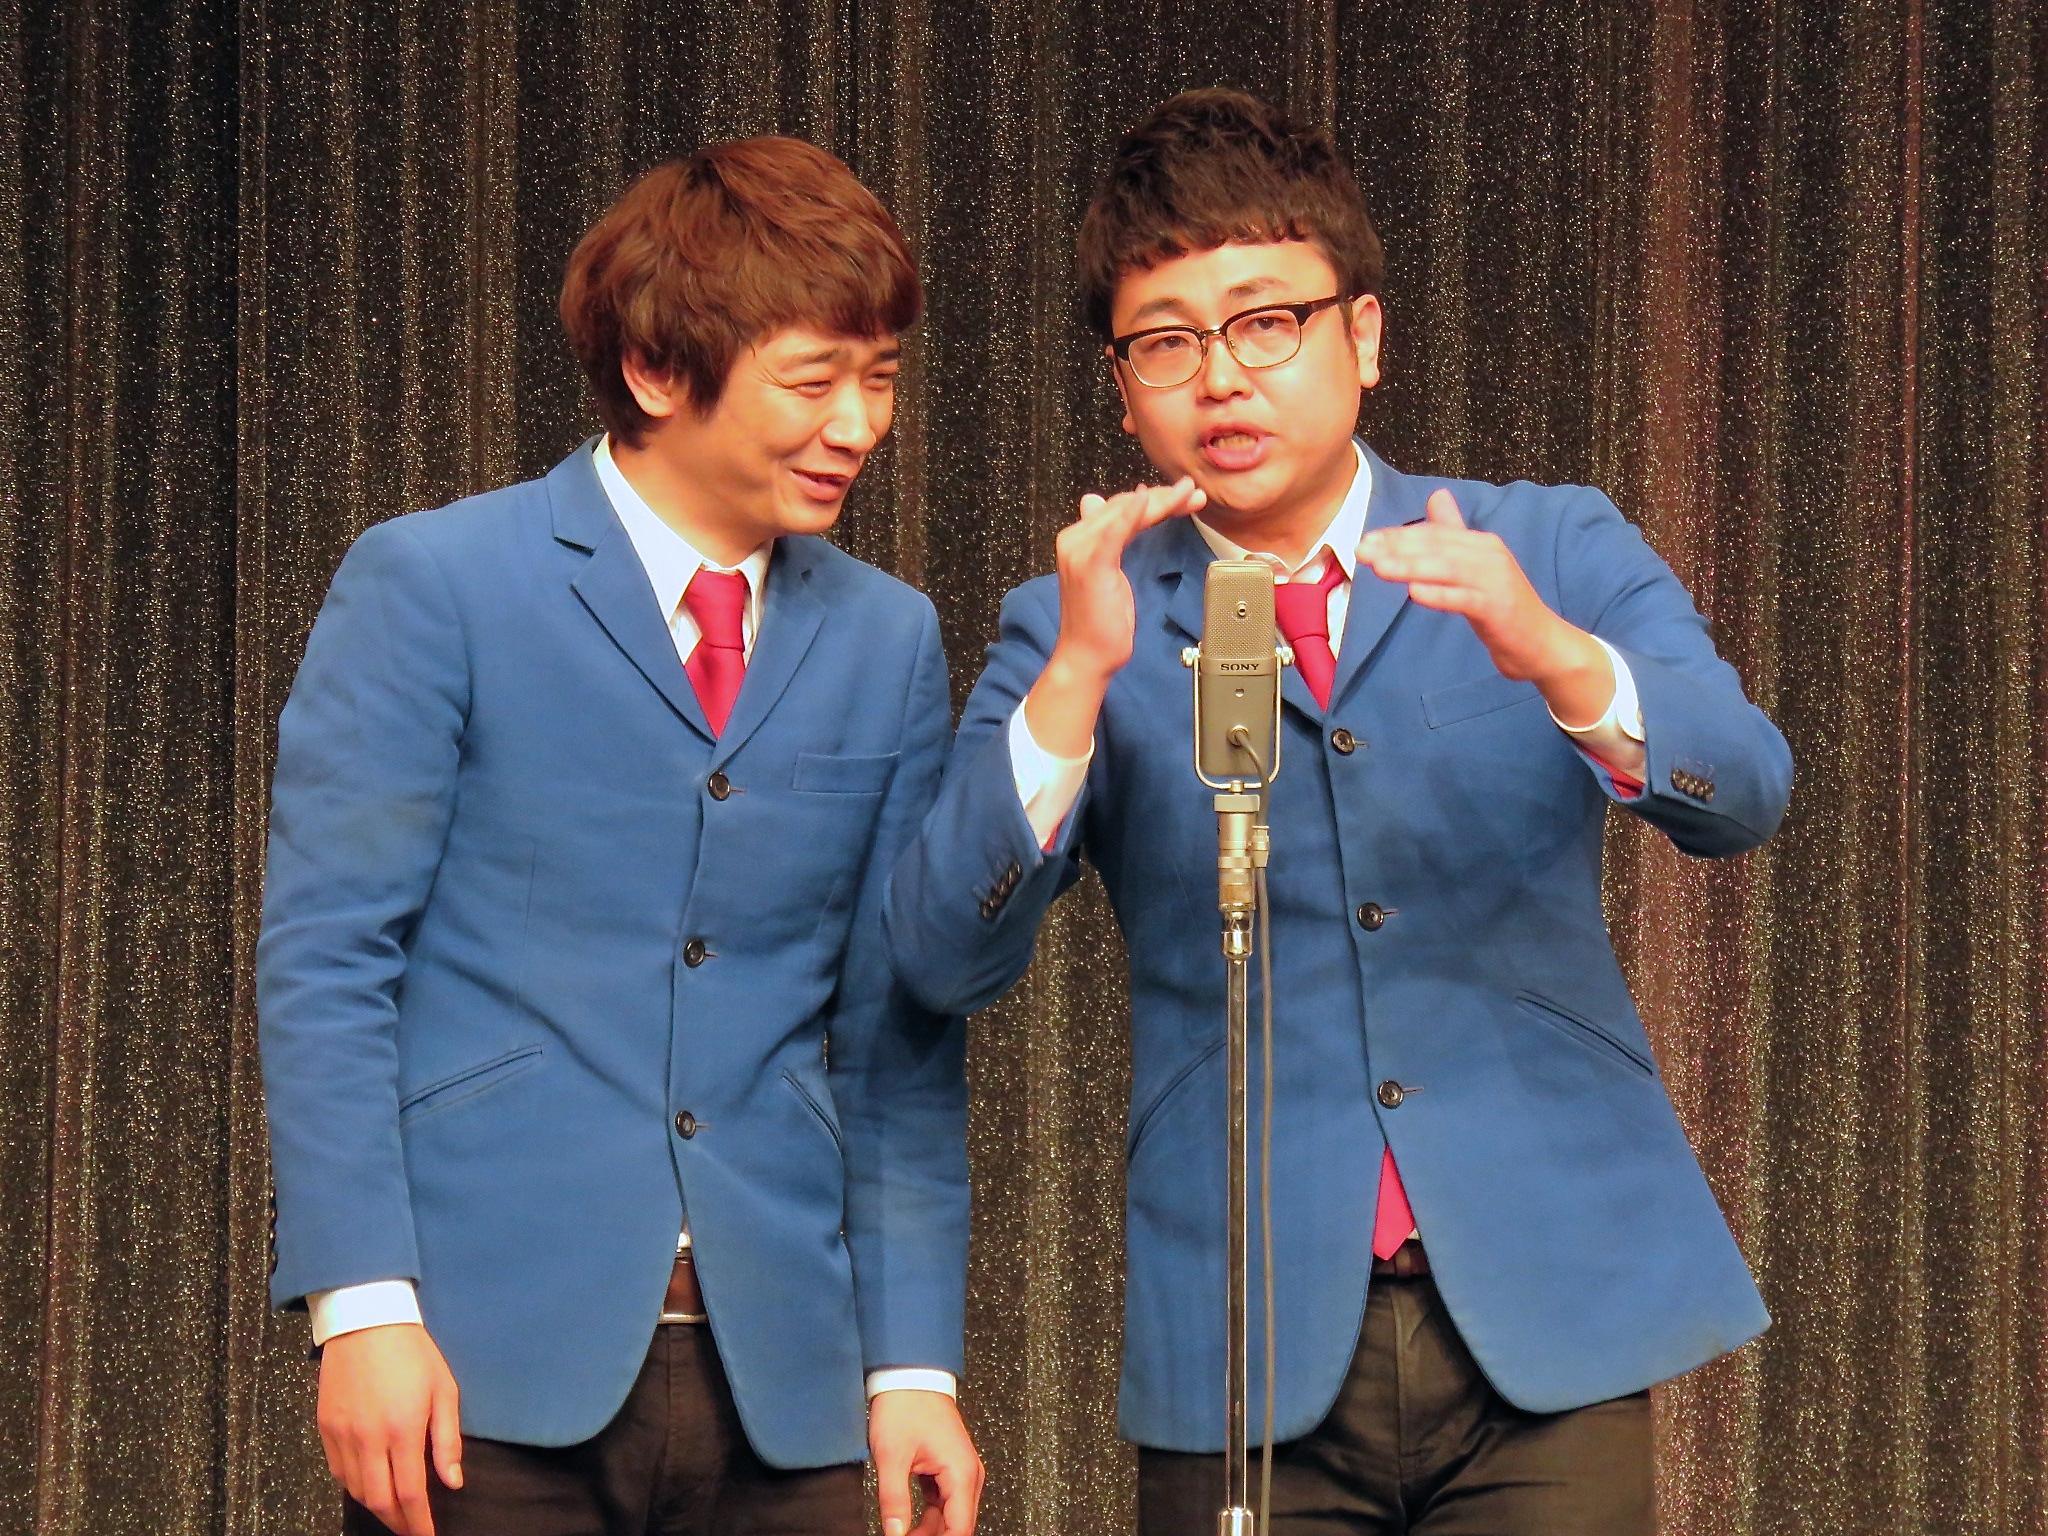 http://news.yoshimoto.co.jp/20151230170550-8e875b2c39ceb732e7cfd448c5f42ff7f5f8aa29.jpg